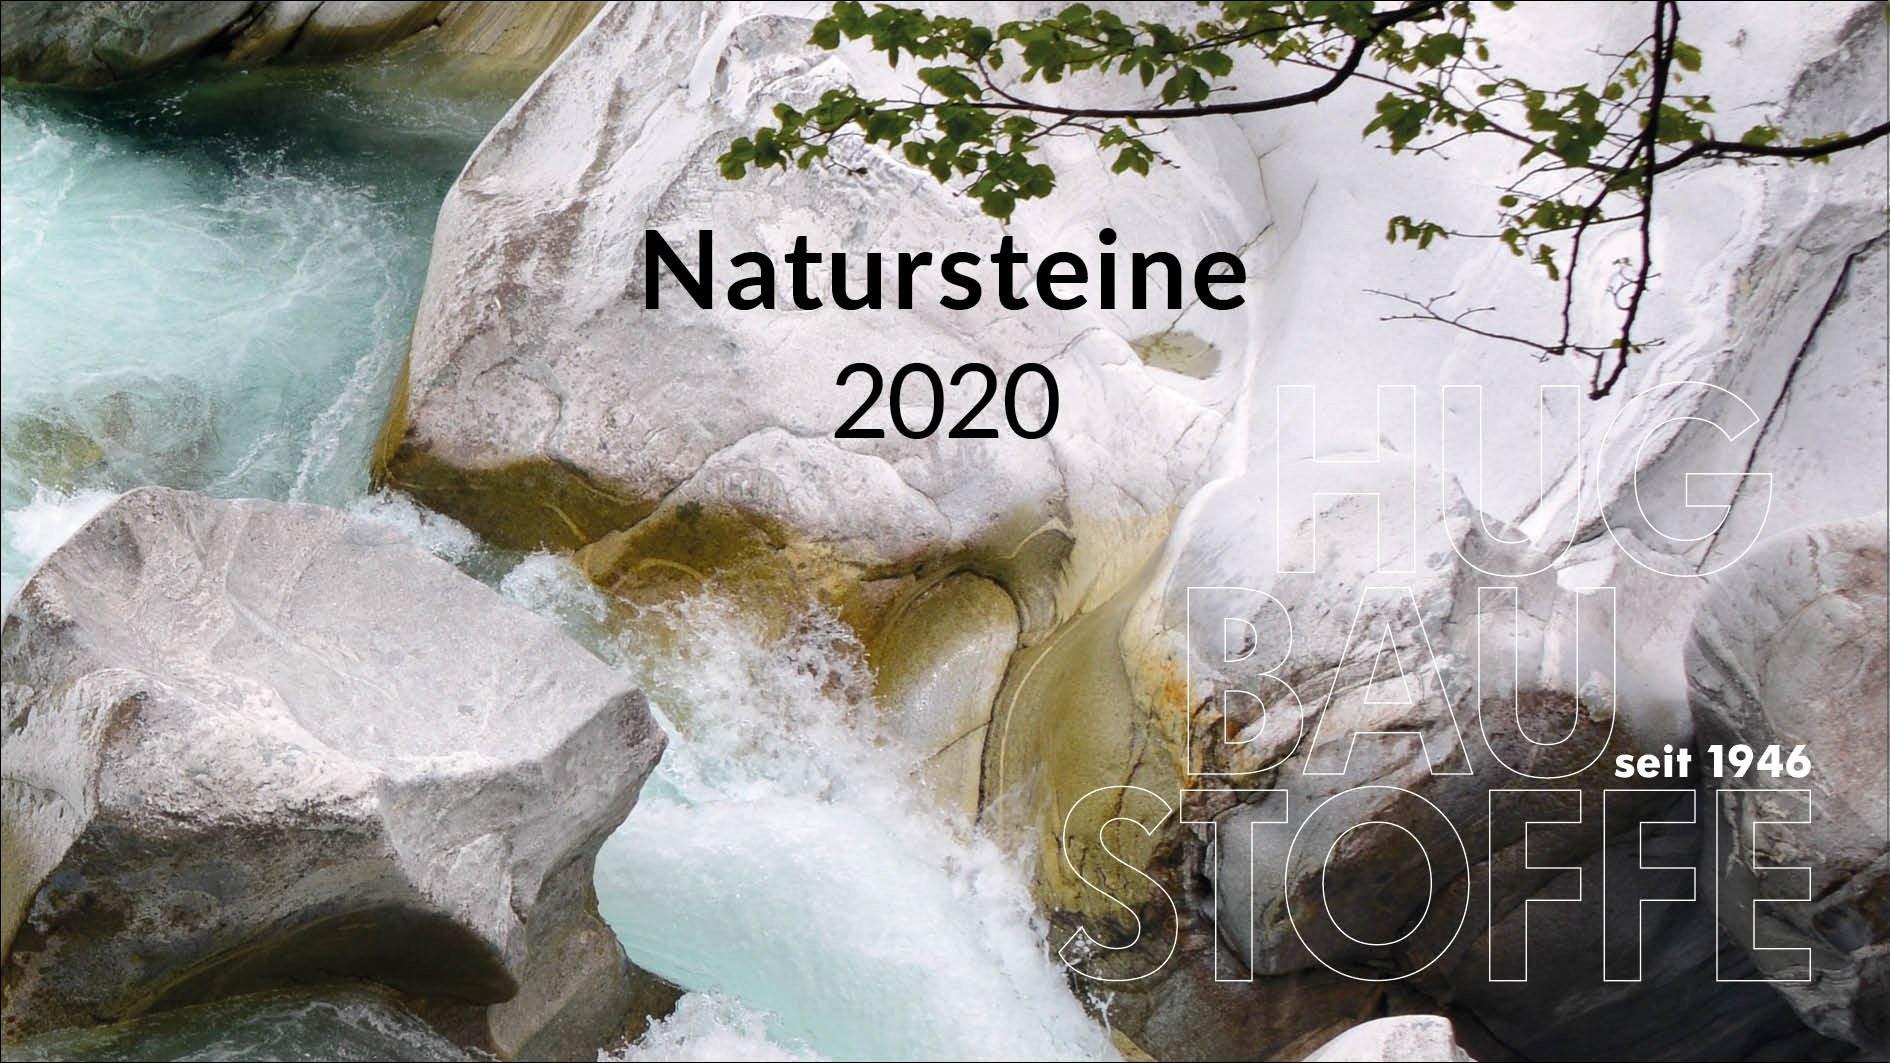 Naturstein Bild